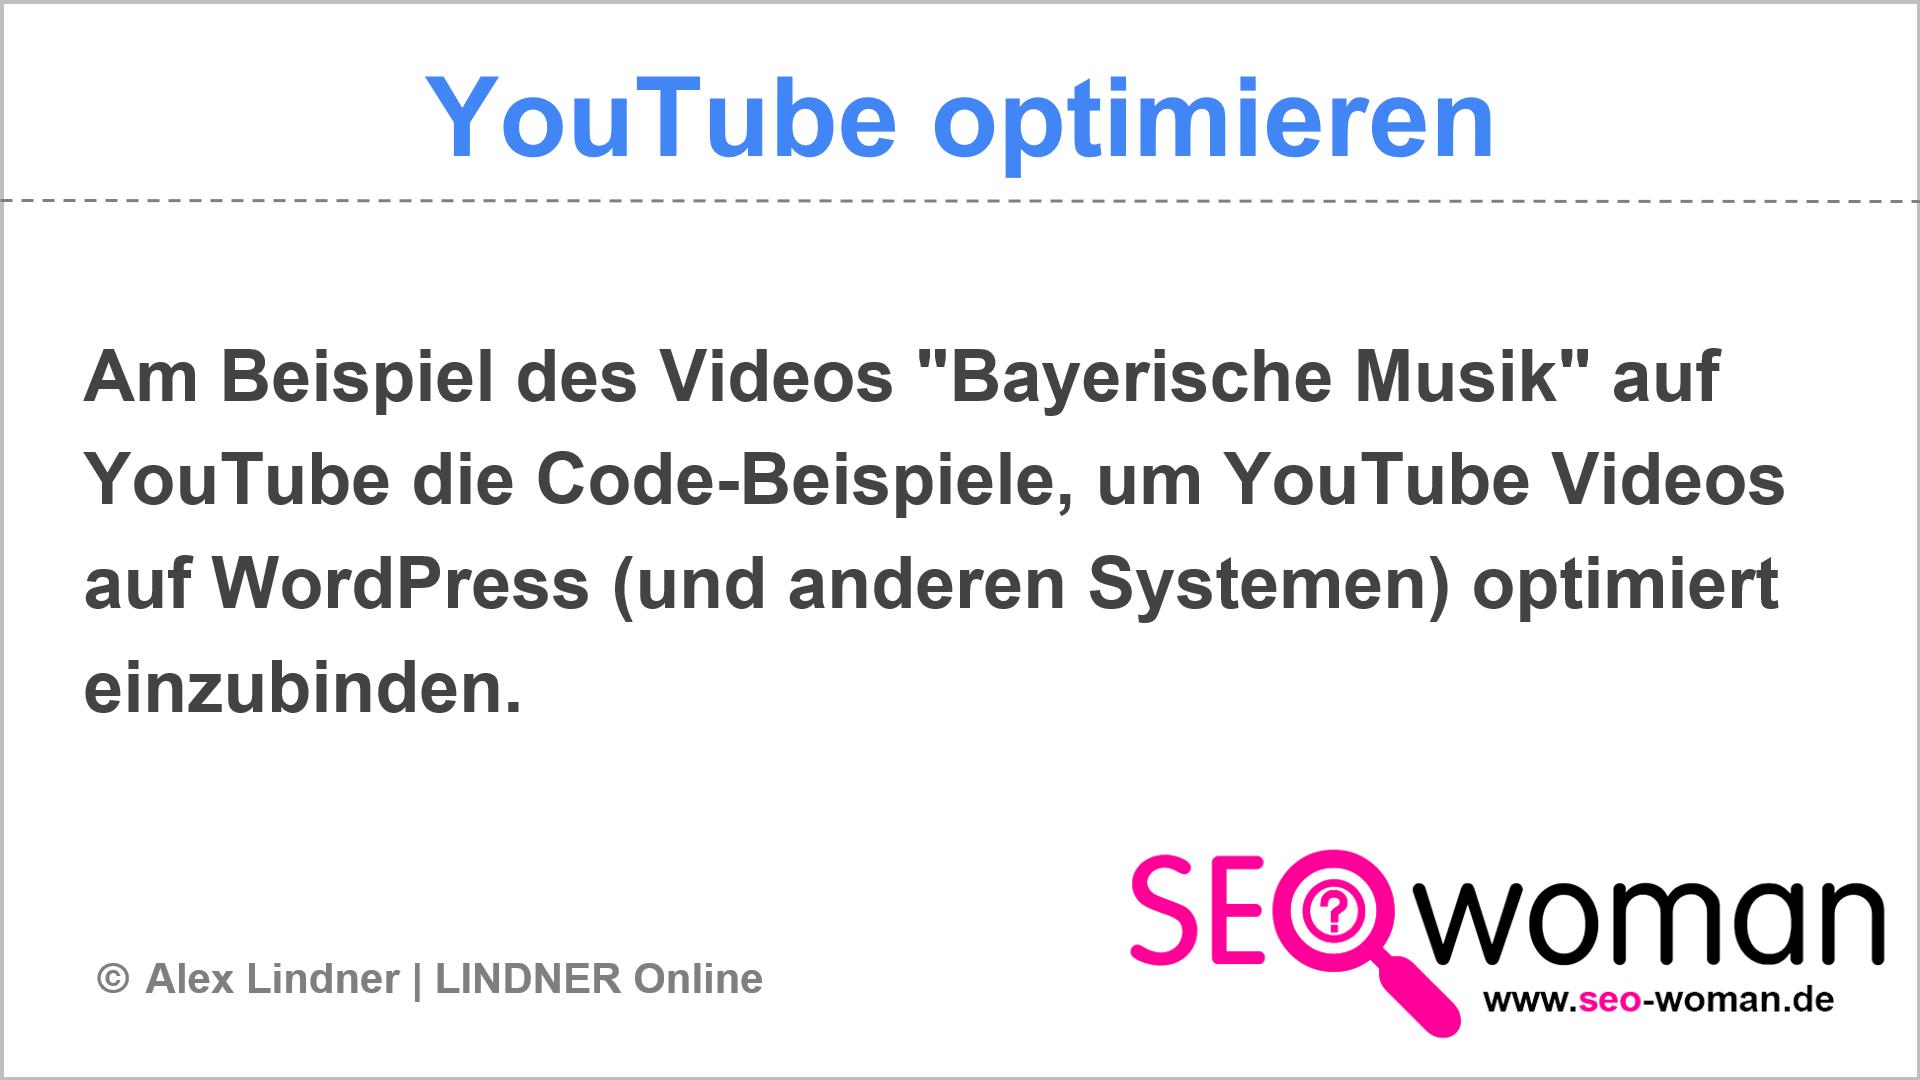 Bayerische Musik | YouTube optimieren